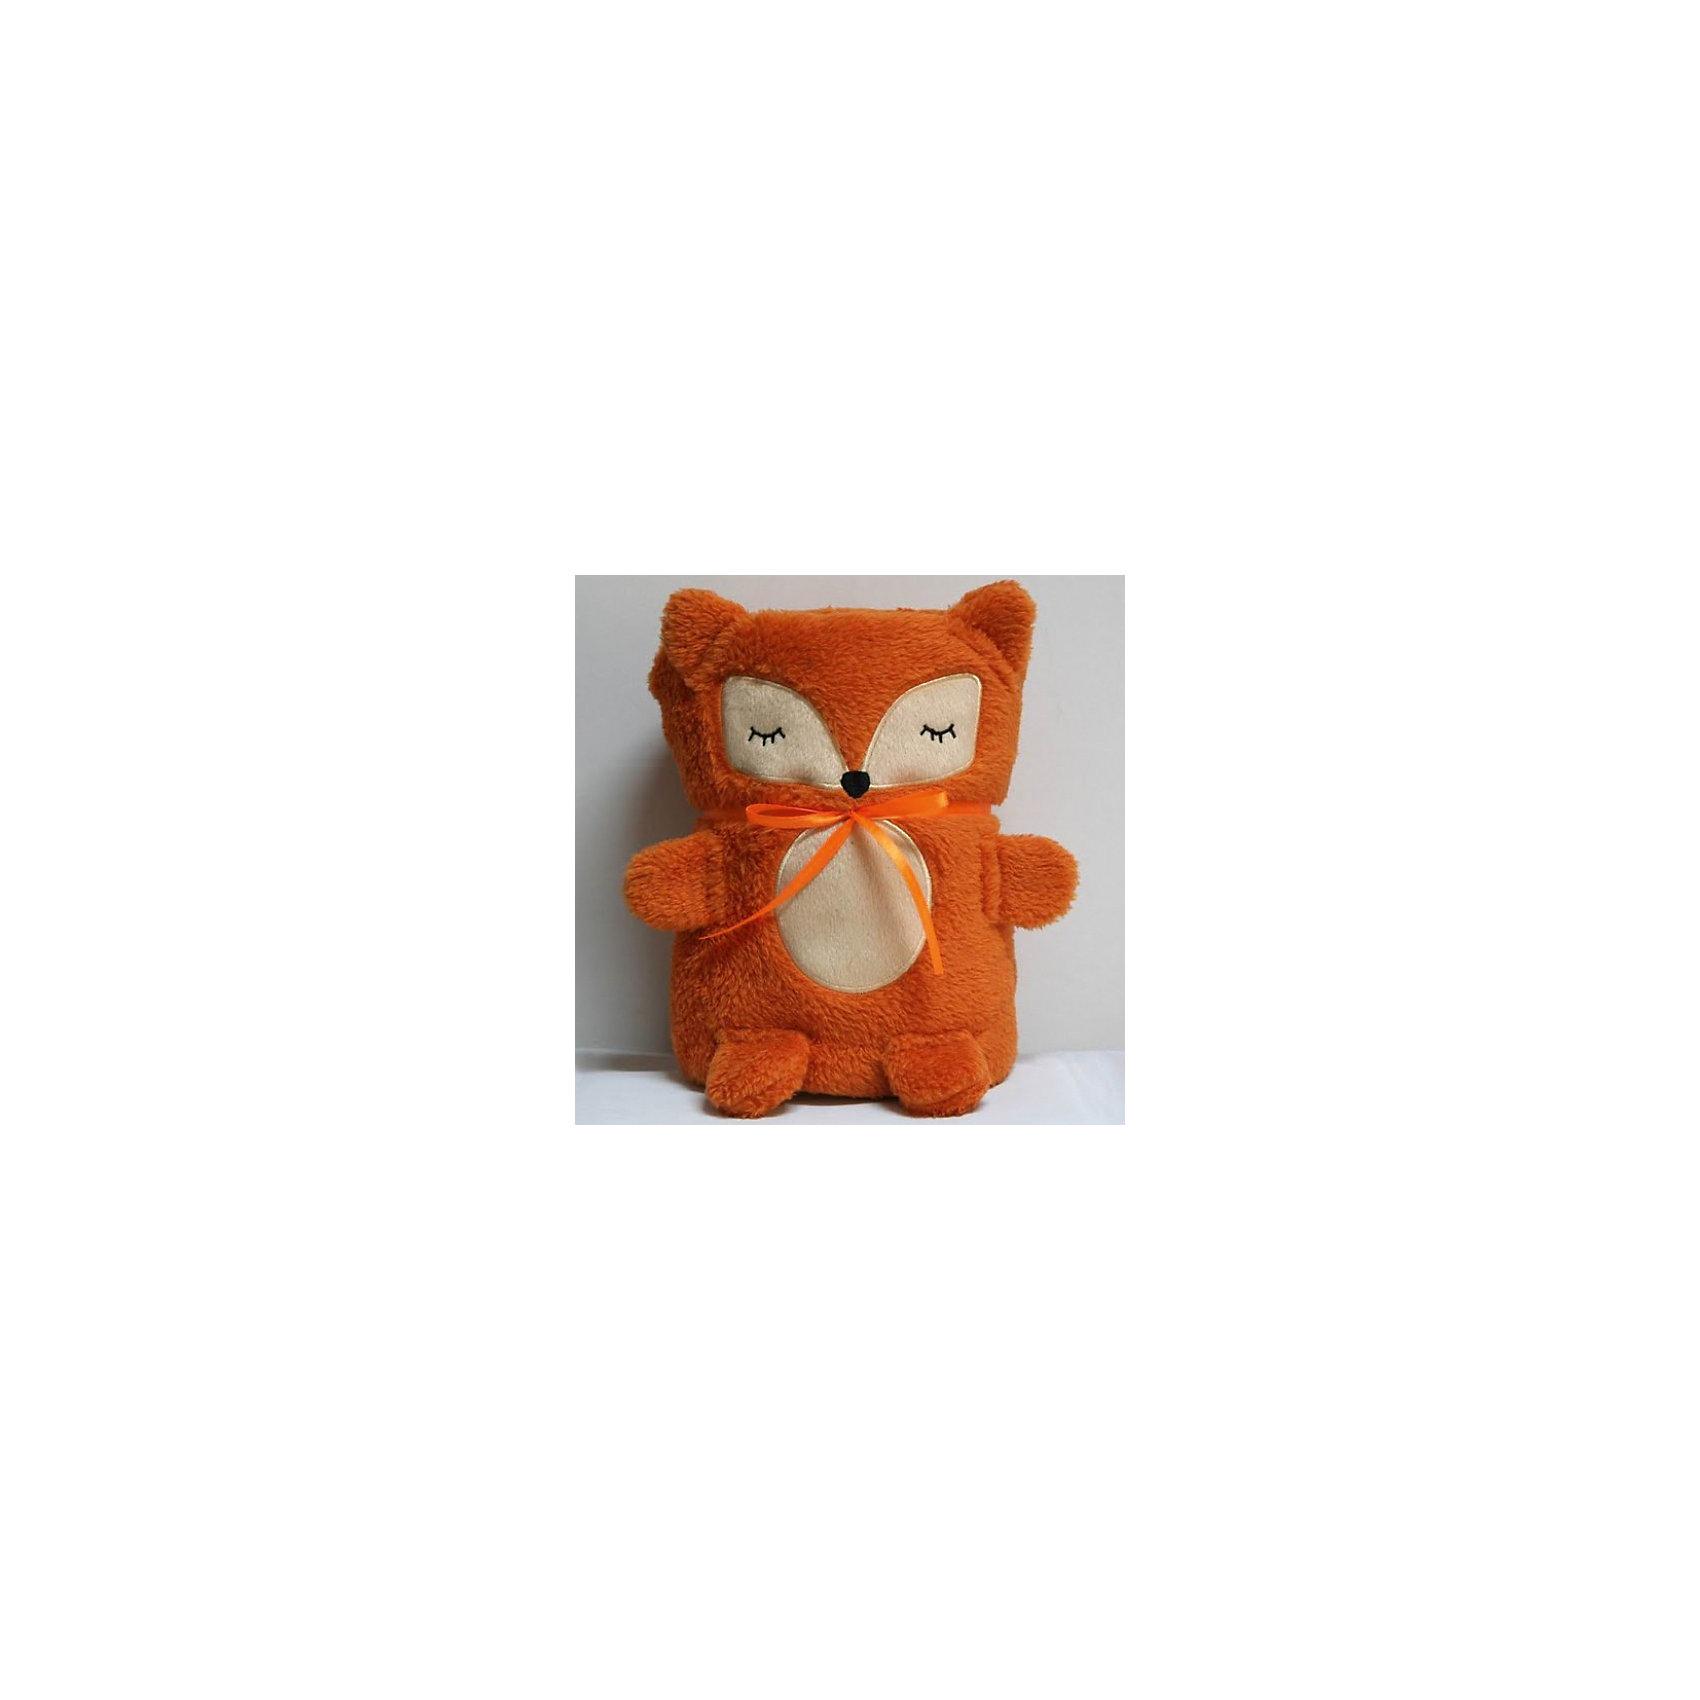 Трансформер Плед-Игрушка Оранжевая Лисичка, 60x90 см, Coool ToysЭта мягкая игрушка легко трансформируется в удобный и мягкий плед, накрывшись которым, ребеночку будет тепло и уютно. Нужно лишь расстегнуть пуговичку у игрушки и она превратится в мягкий плед. Игрушку-плед можно взять с собой в дорогу или на прогулку, в сложенном виде он не занимает много места.<br><br>Дополнительная информация:<br><br>- Размер пледа в сложенном виде: 15 х 10 х 22 см;<br>- Размер пледа в развернутом виде: 60 х 90 см; <br>- Материал: мягкий, стойкий к загрязнениям и легко стирающийся полиэстер. <br><br>Трансформер Плед-Игрушку  Оранжевая Лисичка, 60x90 см, Coool Toys можно купить в нашем магазине.<br><br>Ширина мм: 100<br>Глубина мм: 150<br>Высота мм: 220<br>Вес г: 400<br>Возраст от месяцев: 0<br>Возраст до месяцев: 120<br>Пол: Унисекс<br>Возраст: Детский<br>SKU: 3810091